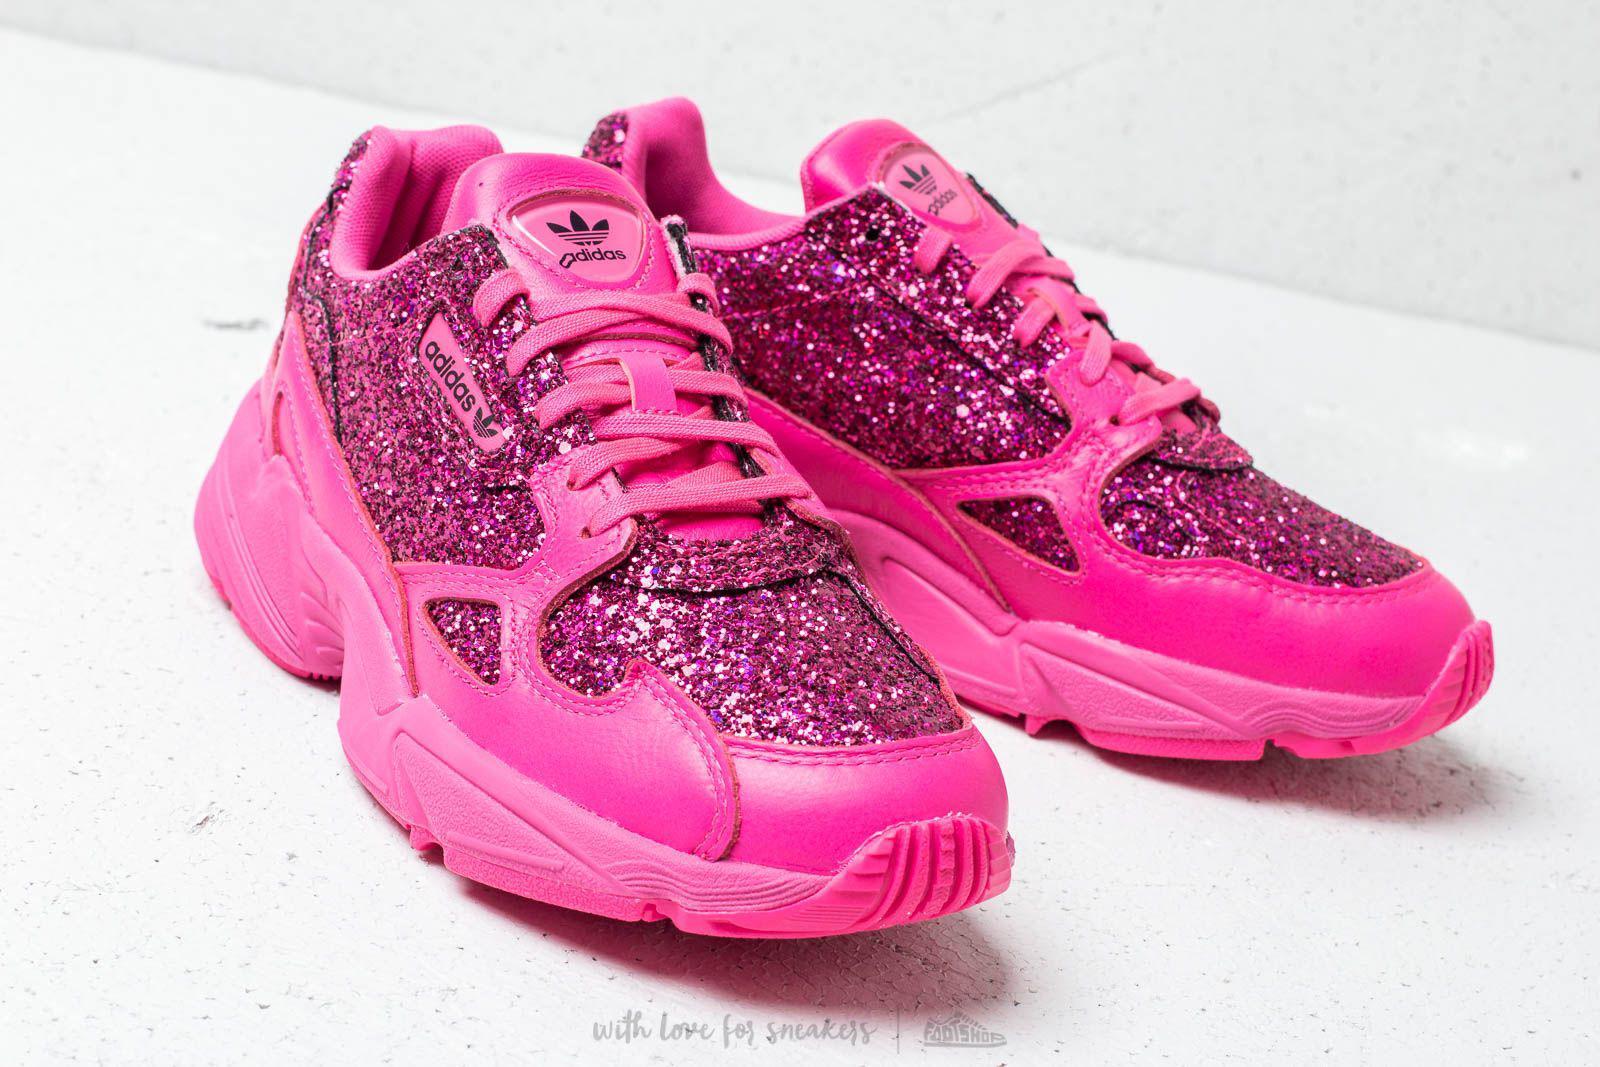 info for e6e83 99e4c adidas Originals Adidas Falcon W Shock Pink  Shock Pink  Collegiate ...